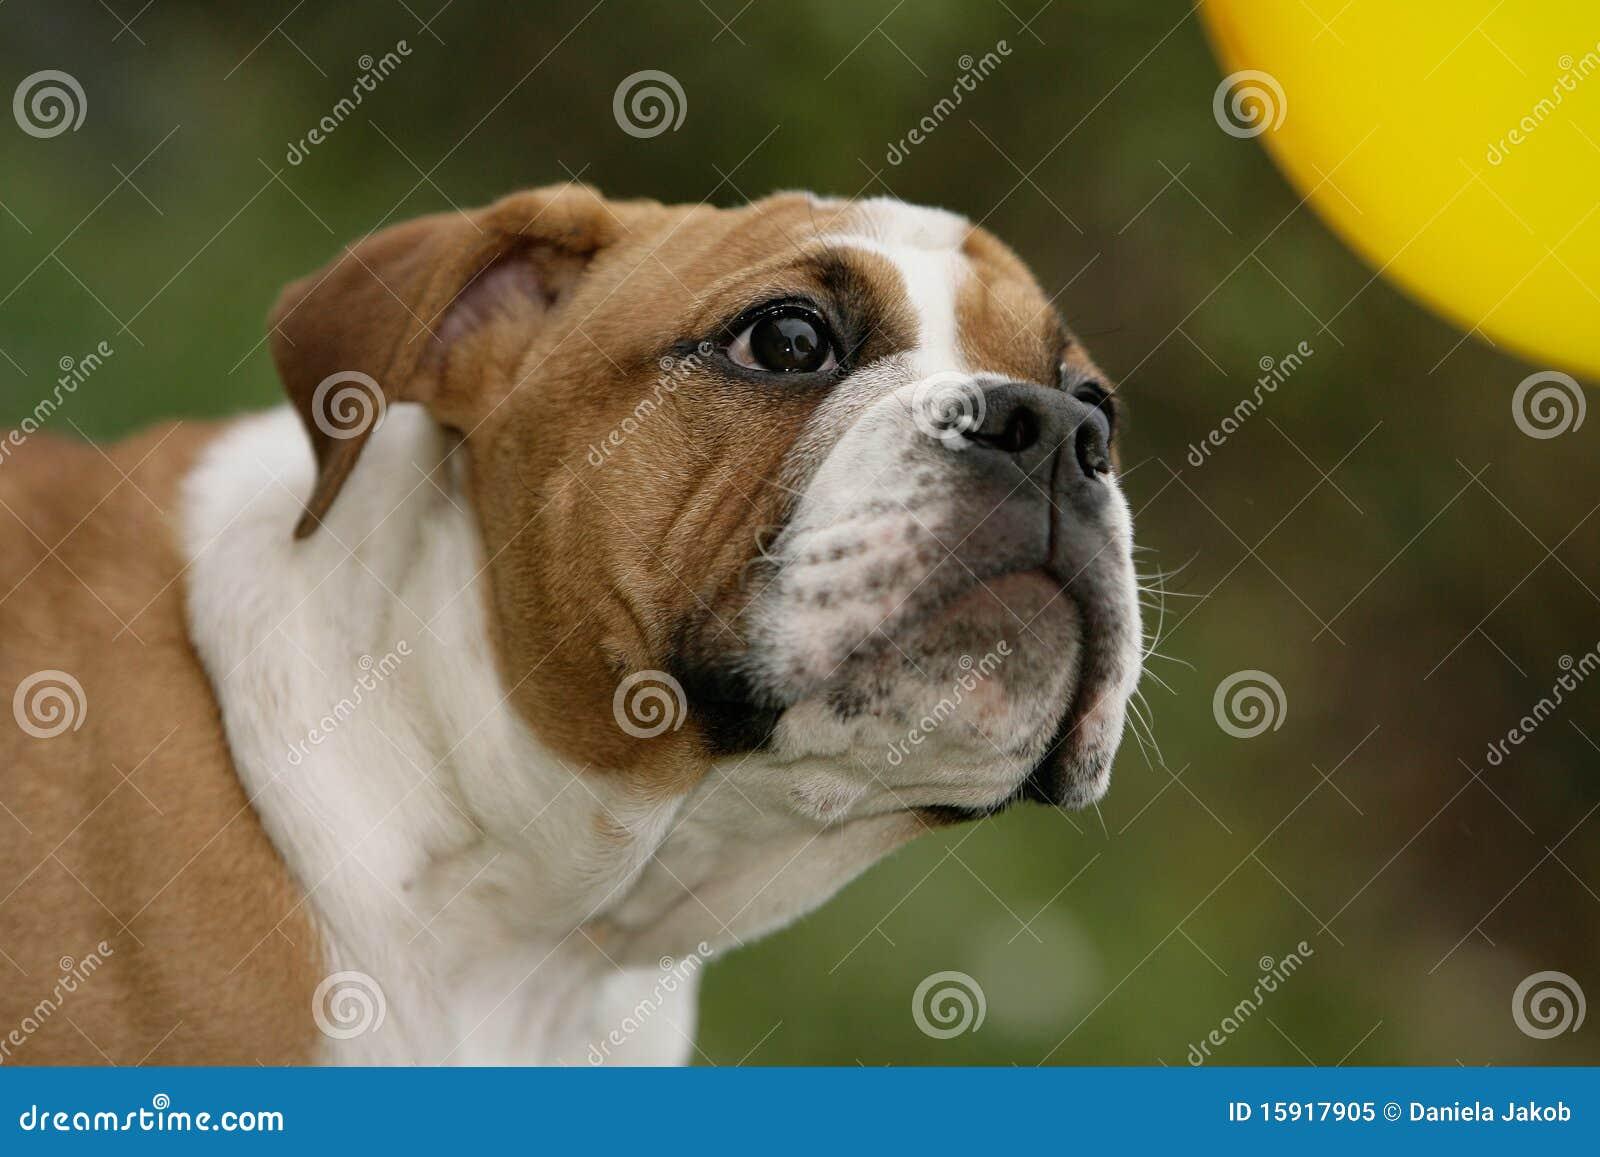 Continental Bulldog Puppy Stock Image Image Of Amazed 15917905